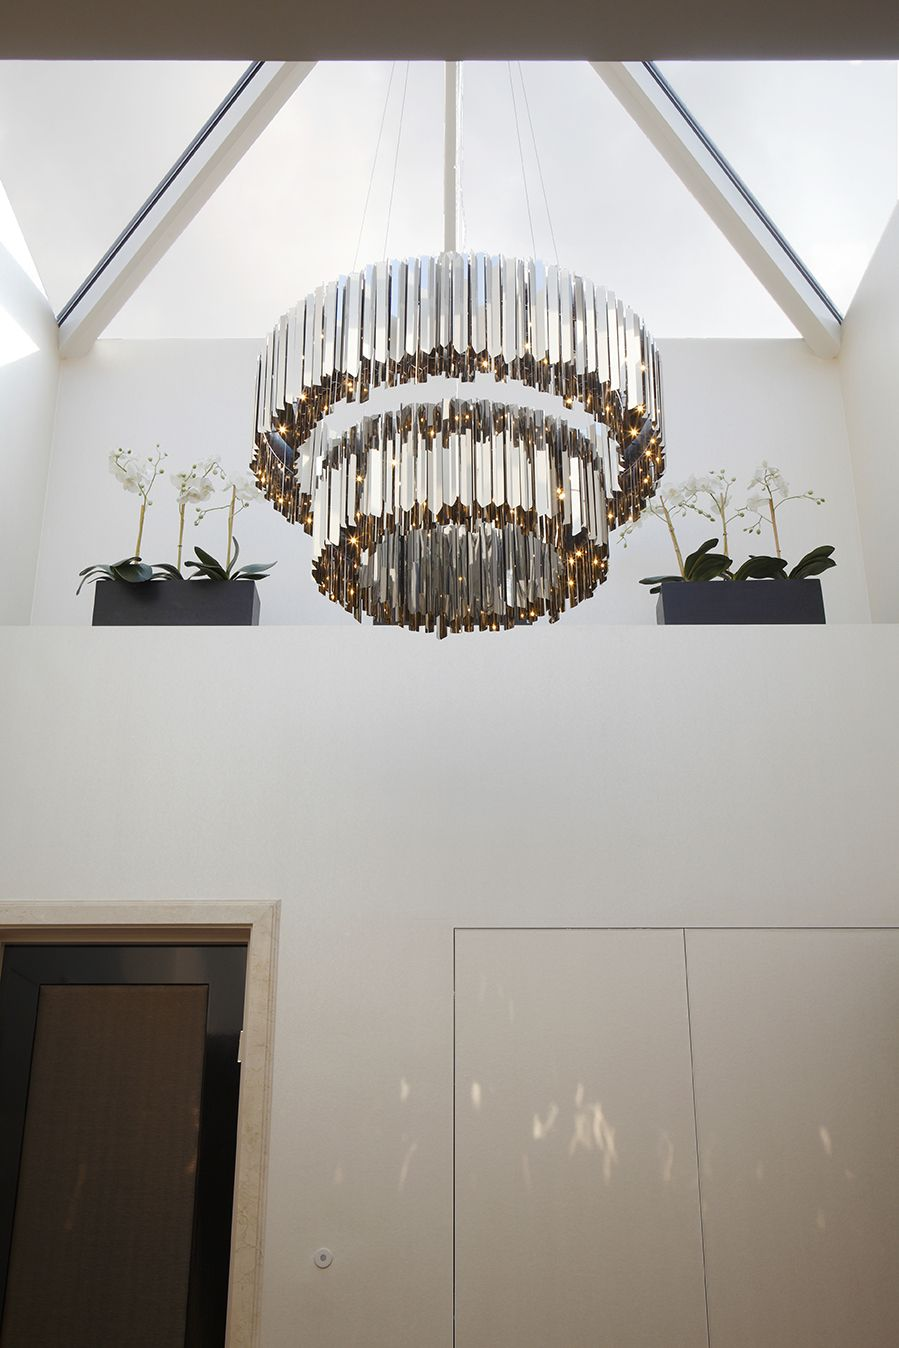 unique contemporary lighting. Tiered Facet Chandelier | Contemporary Lighting Project LIGHTING AND FIXTURE Pinterest Chandeliers, And Lights Unique L